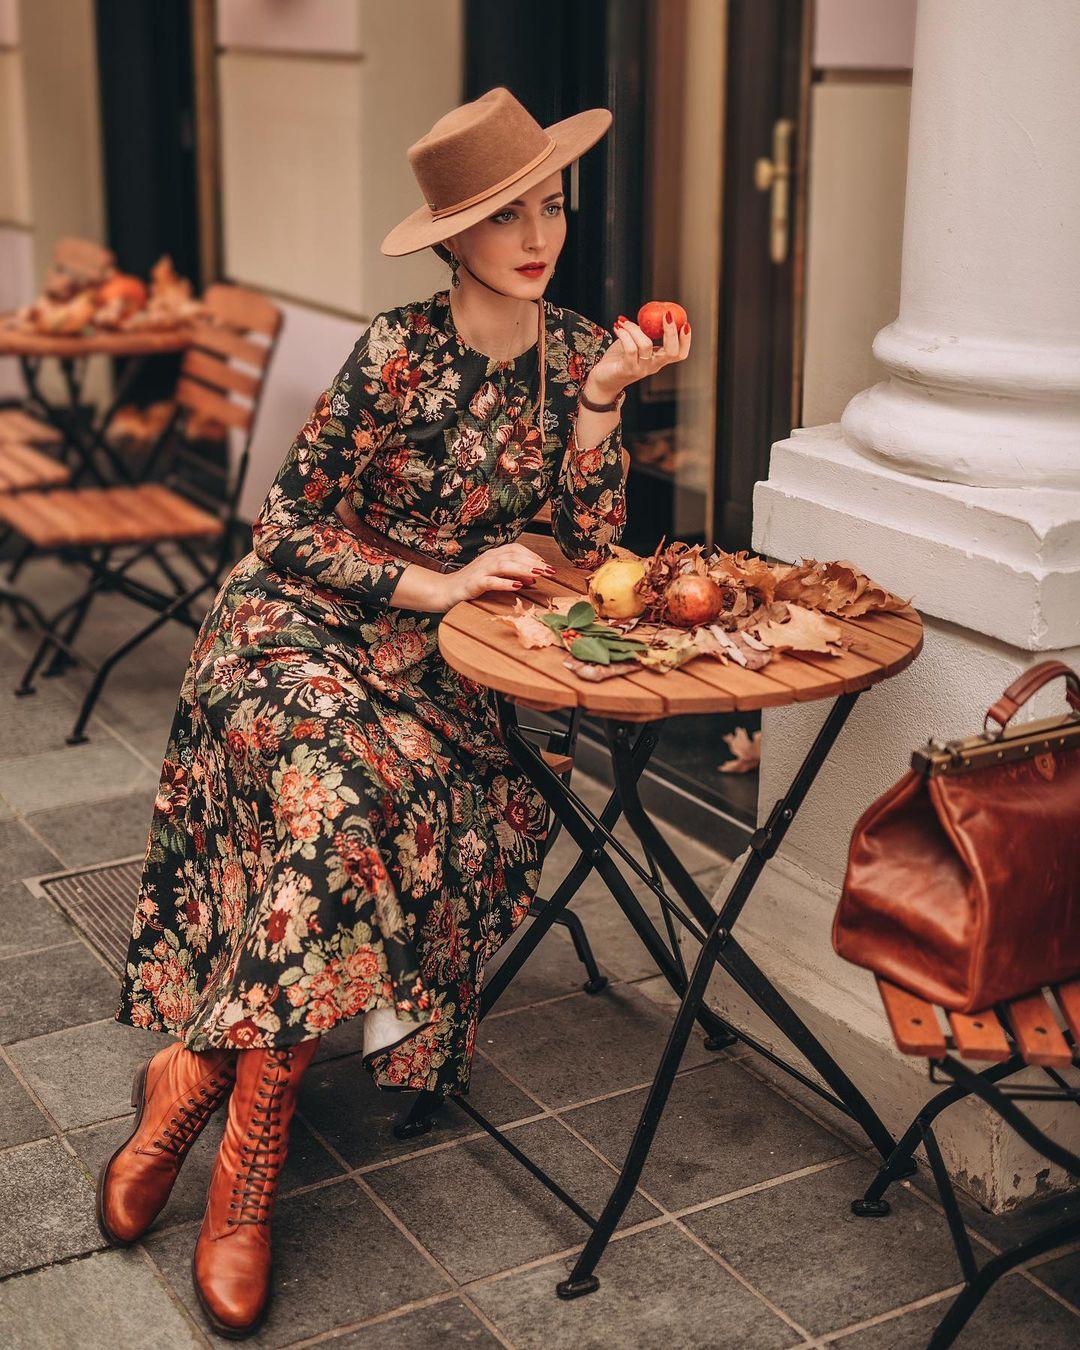 đầm hoa cho bức ảnh vintage